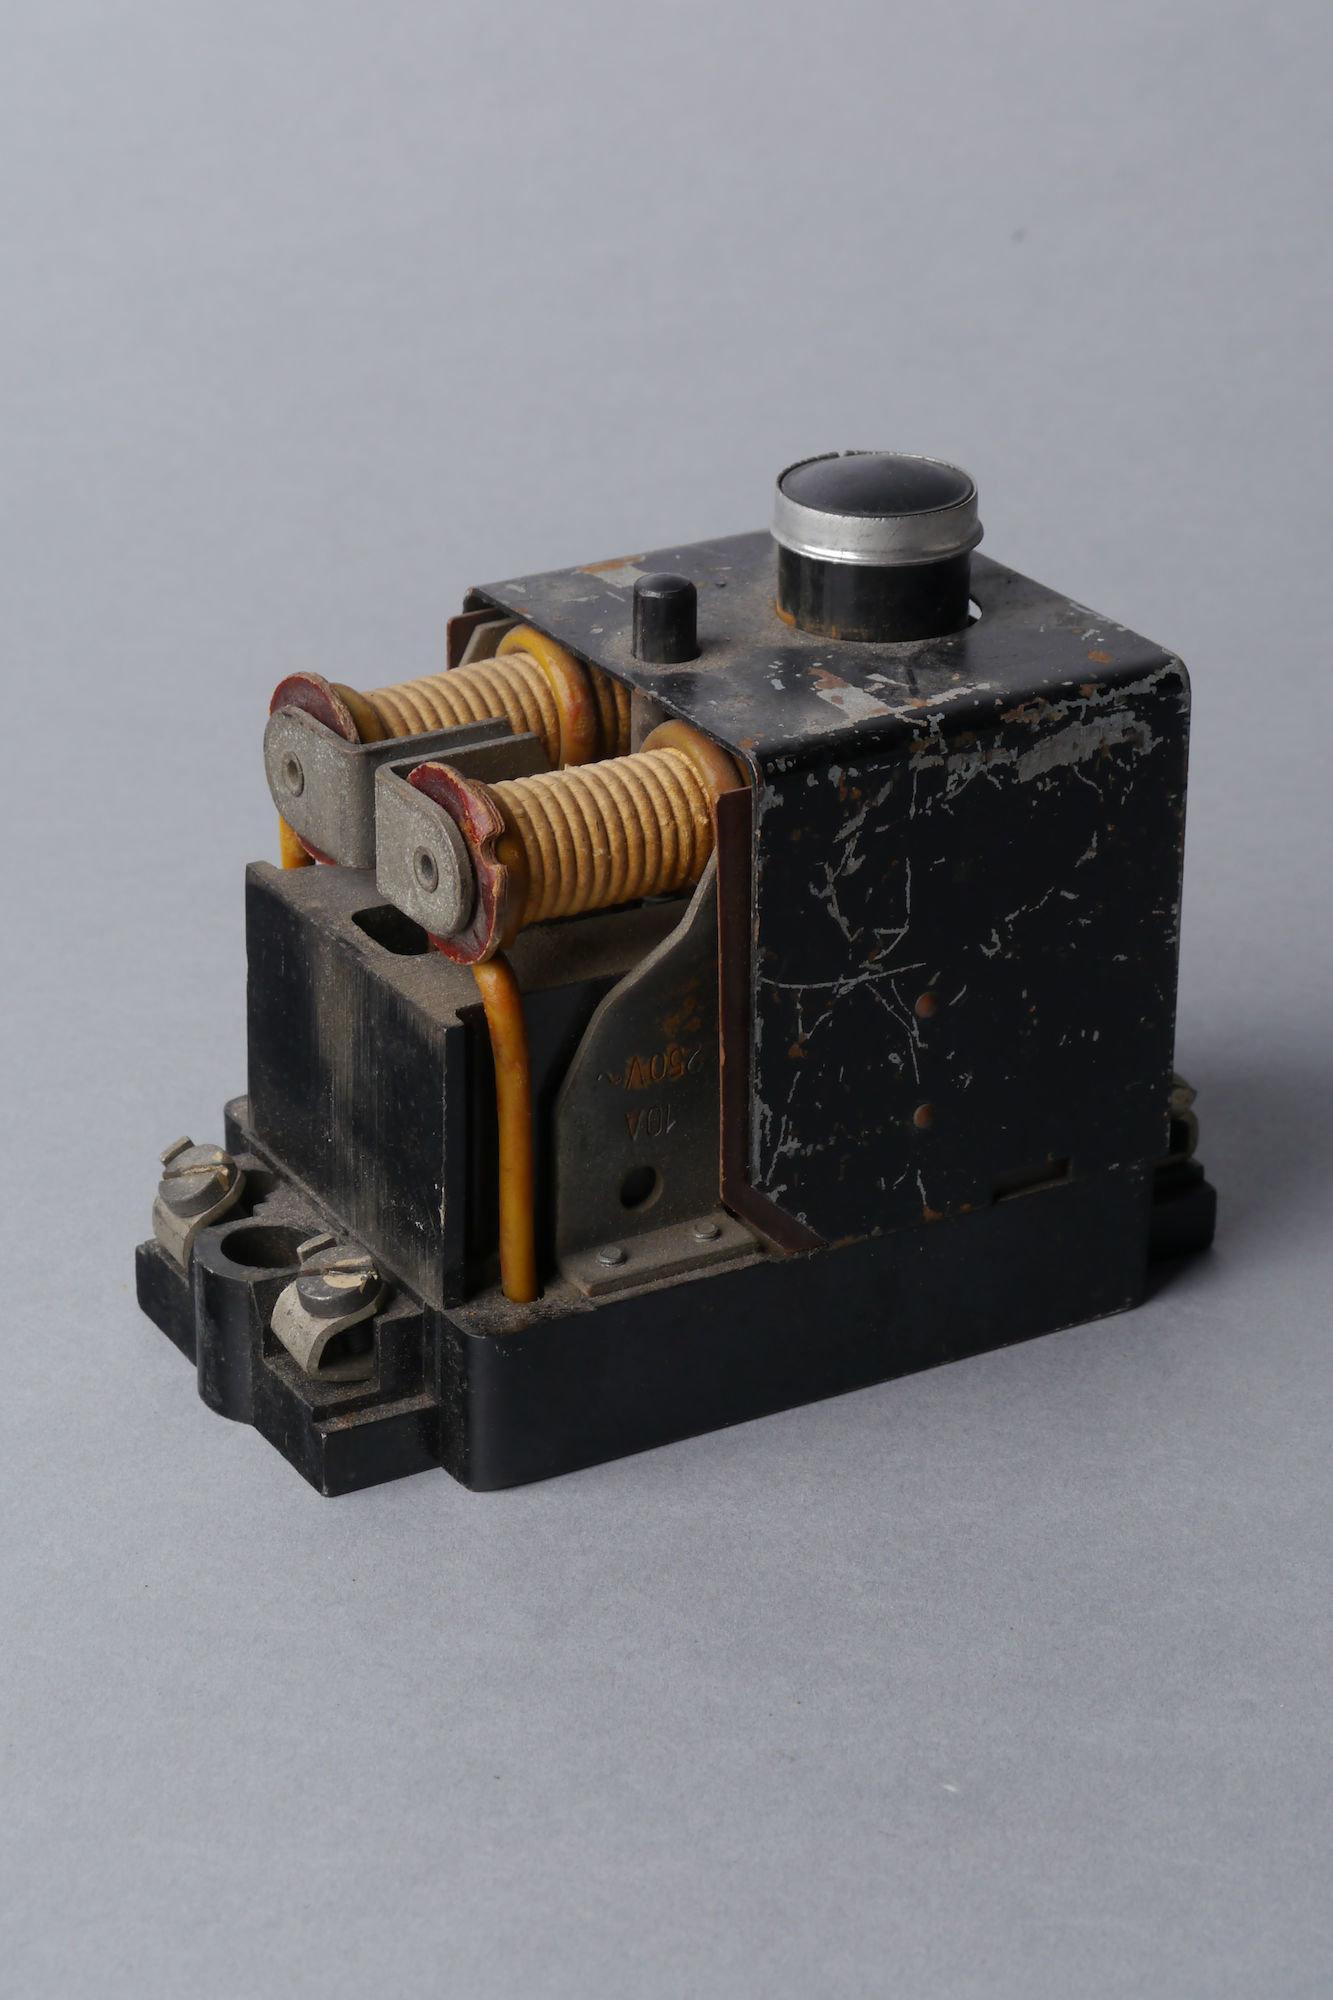 Elektromagnetische beveiliging voor elektrisch systeem